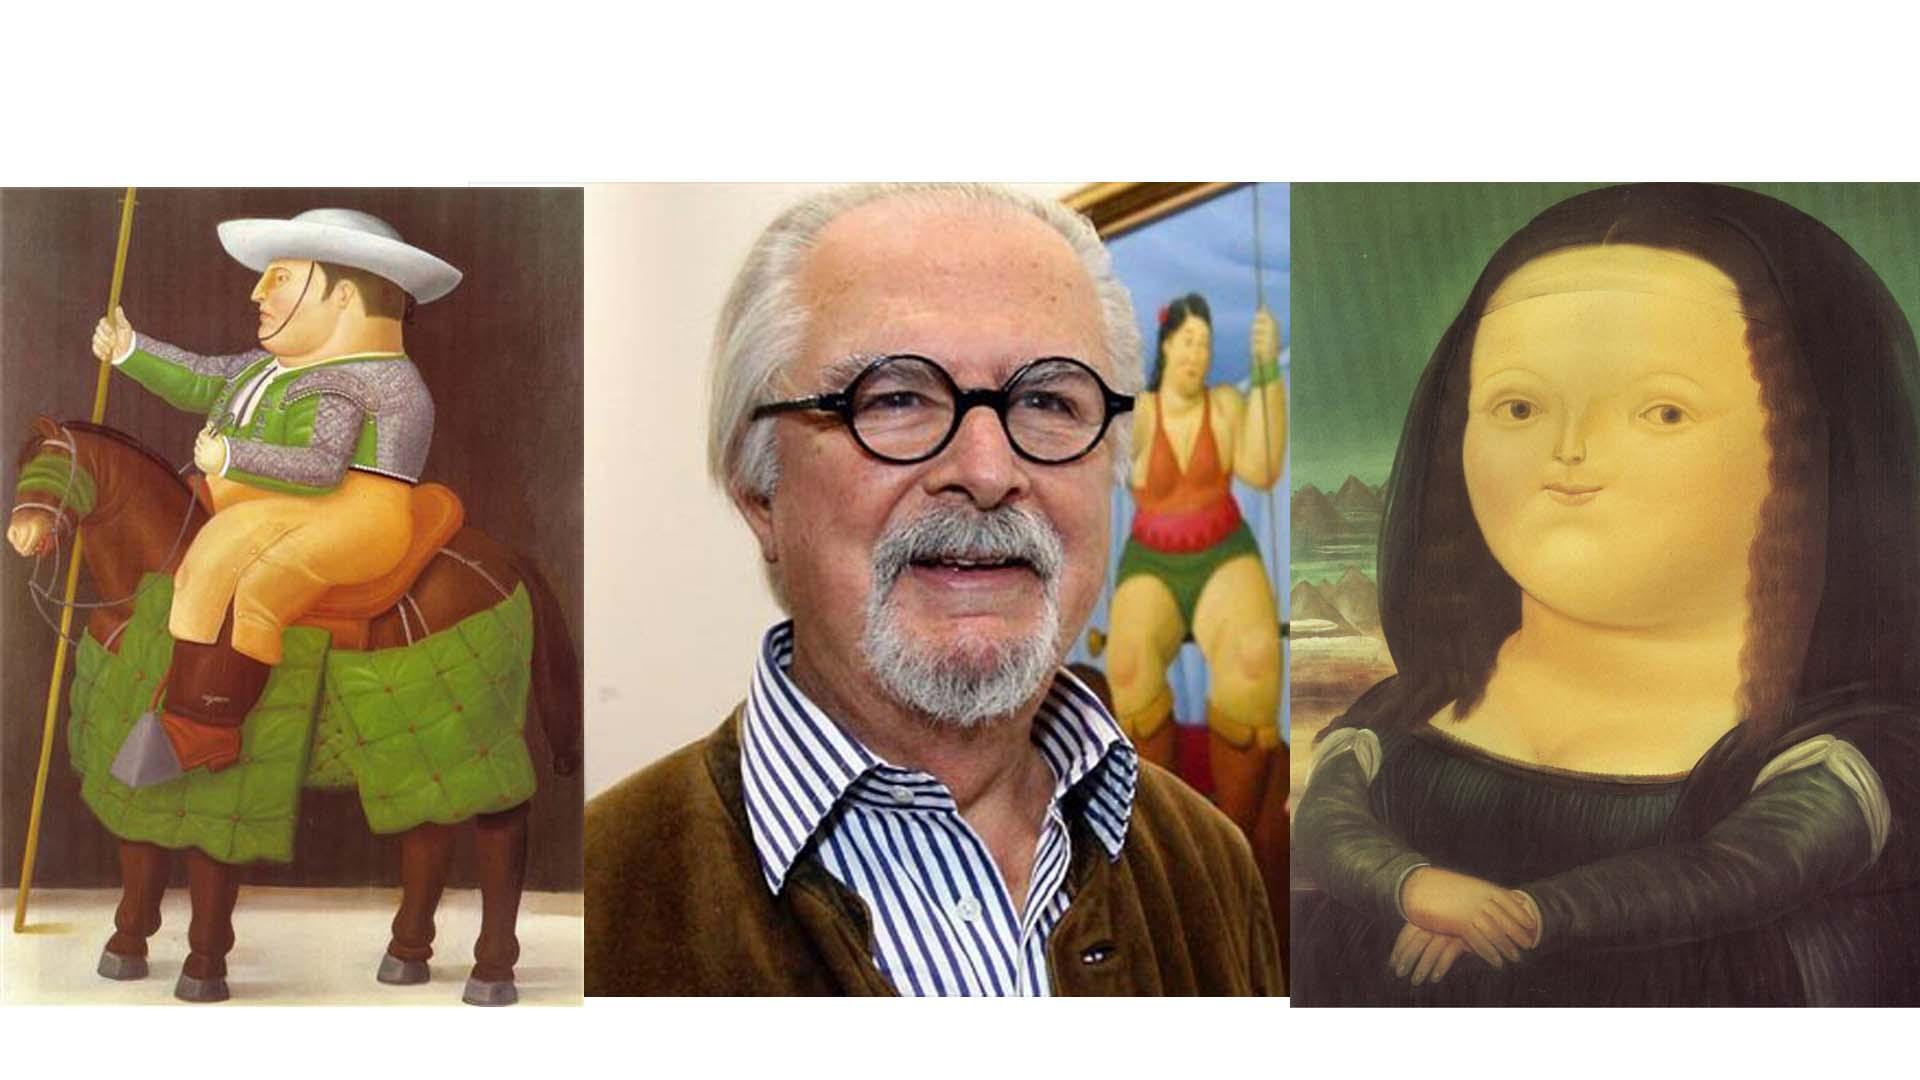 Las obras del pintor y escultor colombiano Fernando Botero están disponibles en una exposición en el Museo de Arte de Shanghái